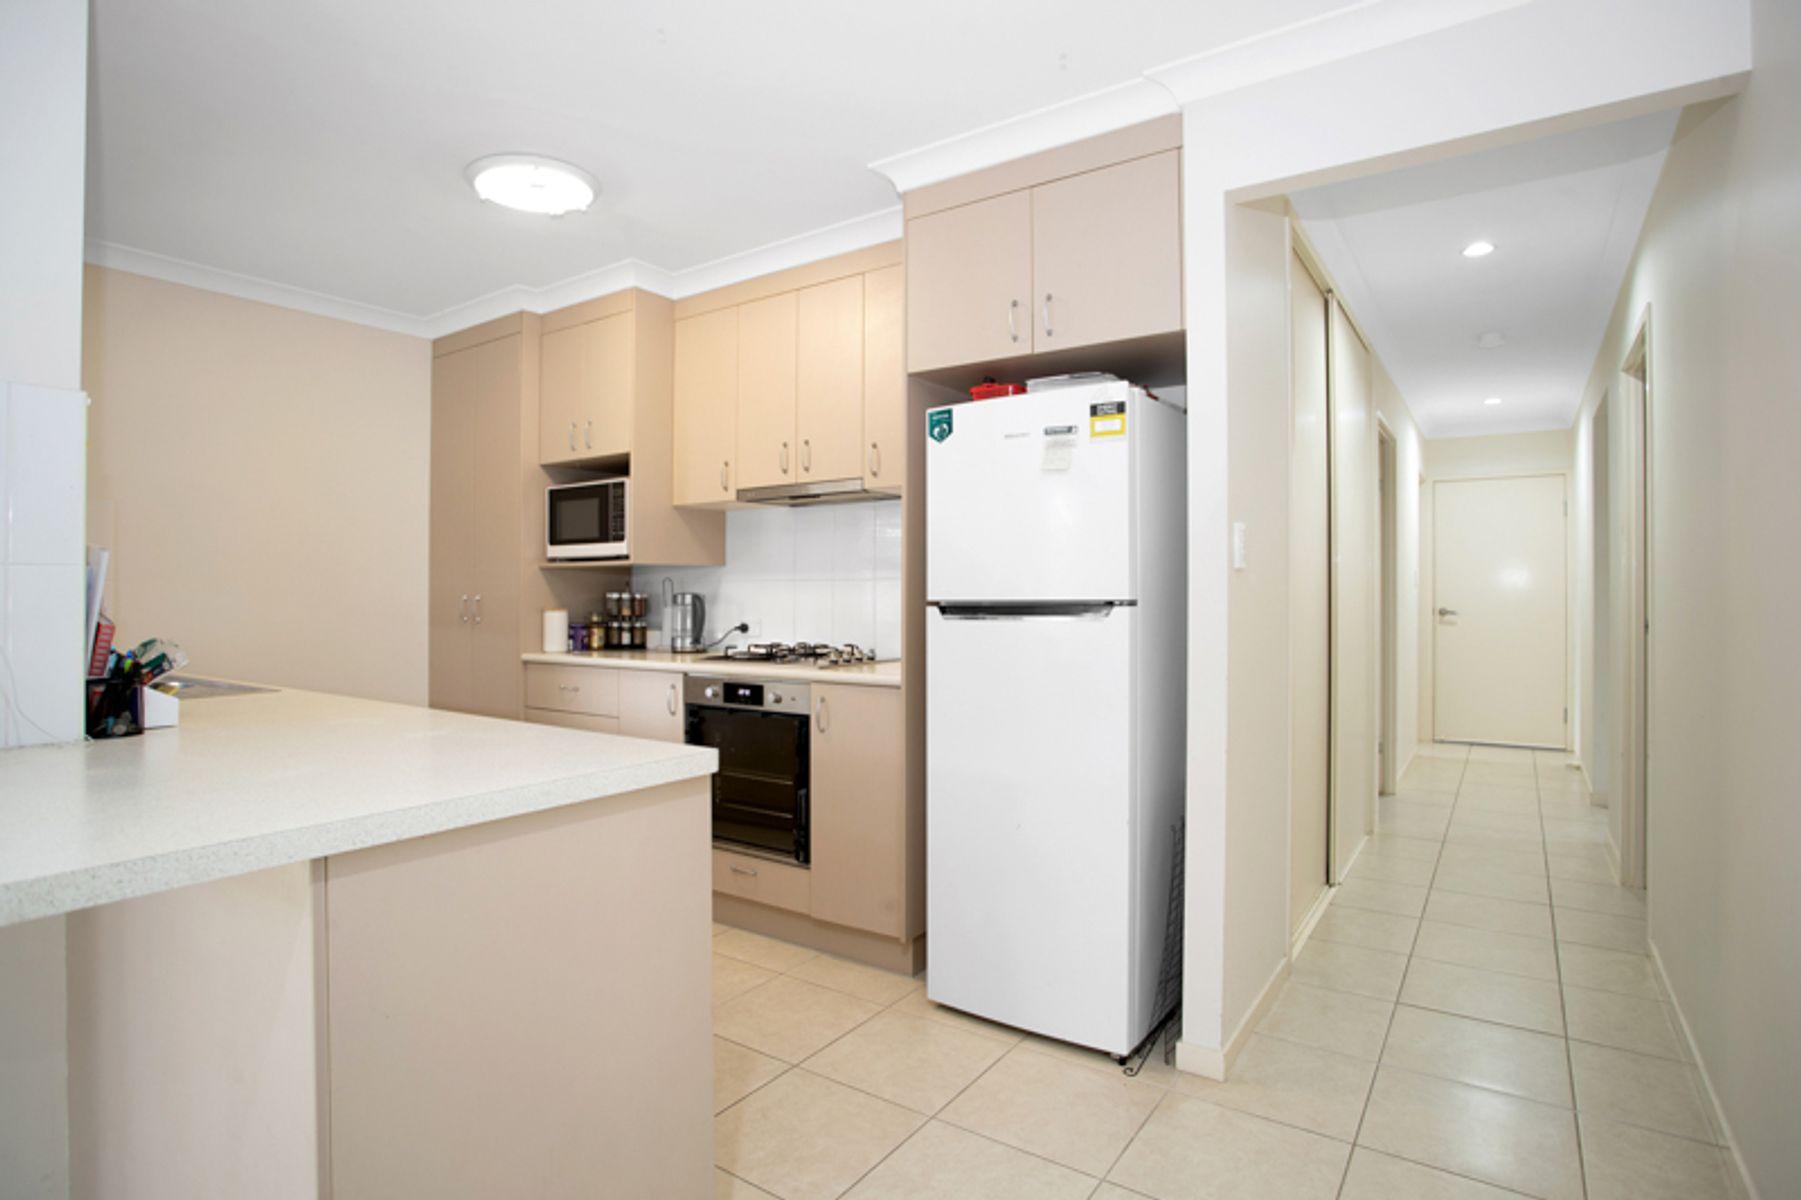 27/21 Sunita Drive, Andergrove, QLD 4740